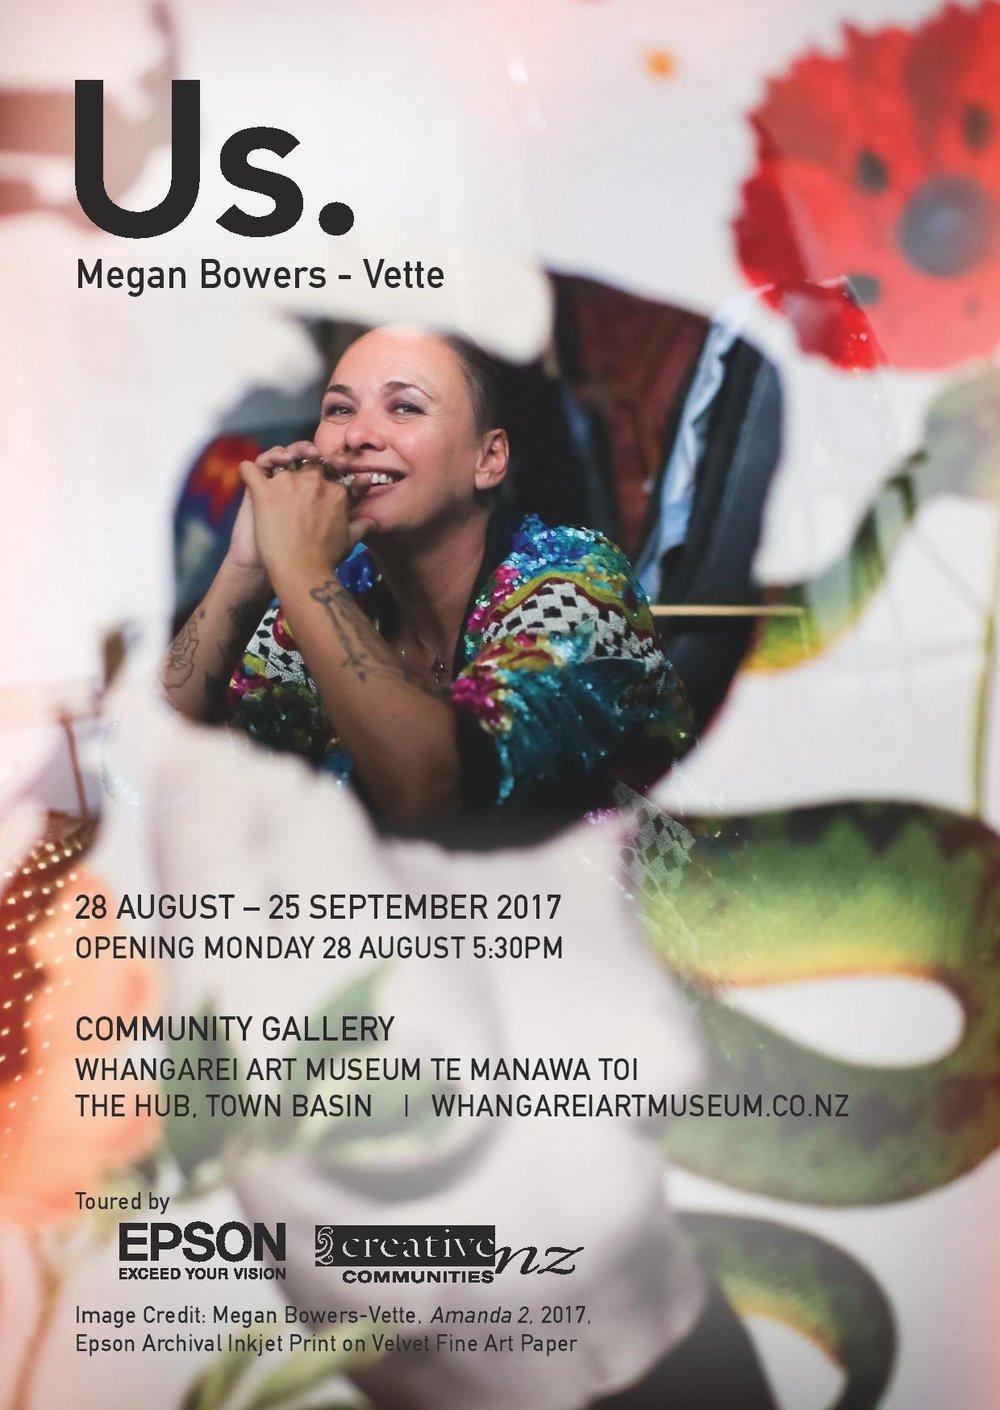 Us_MeganBowersVette_Invite.jpg